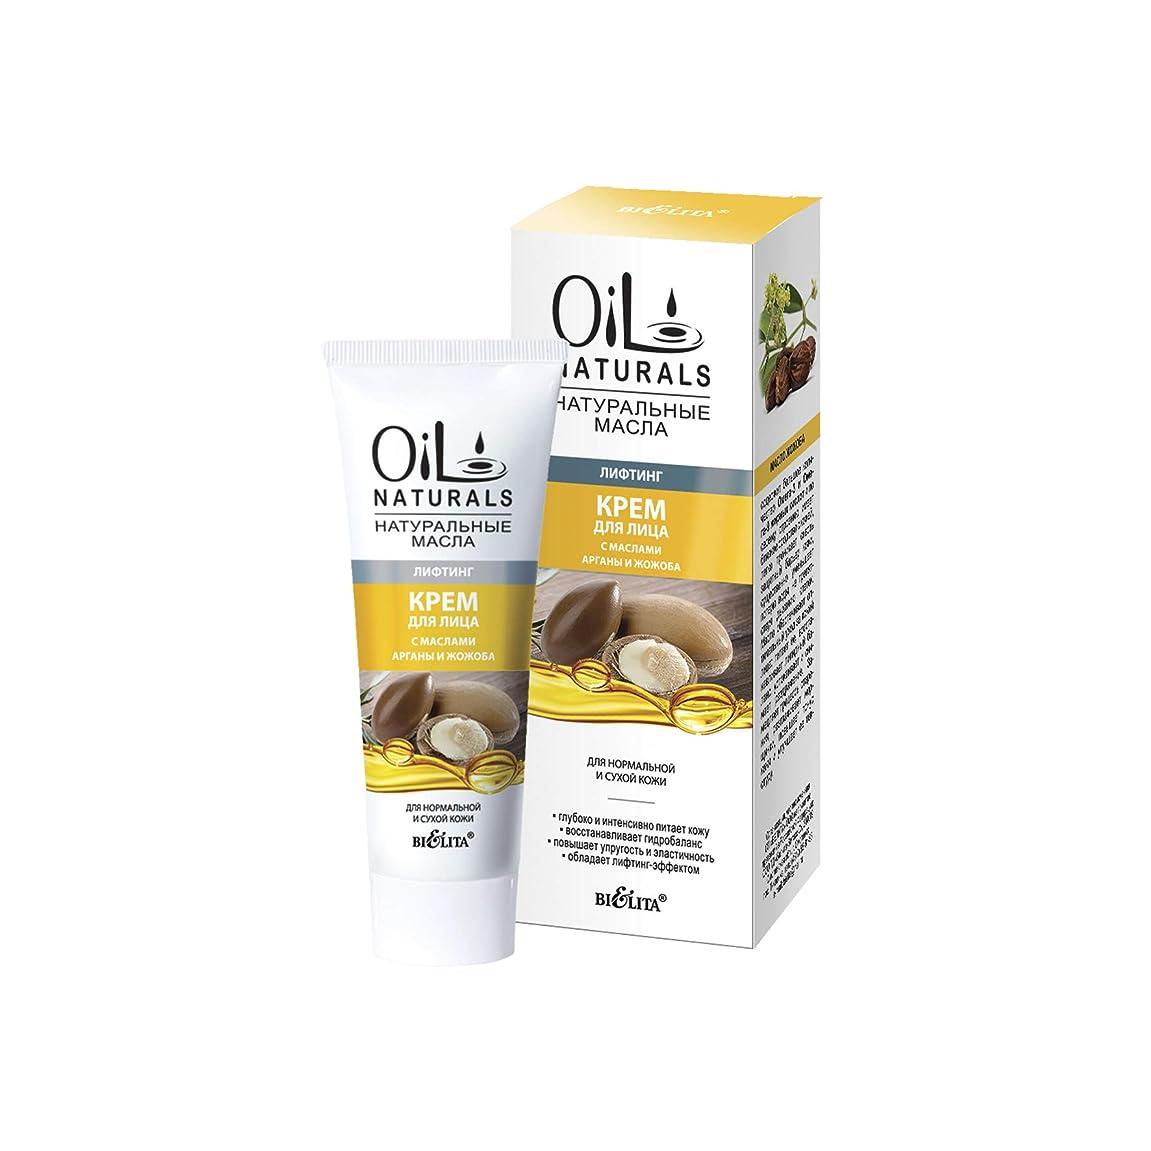 ルネッサンス鋭くイブニングBielita & Vitex | Argan Oil, Jojoba Oil Moisturising Cream for the Face 50ml | Intensive Moisturizer With Natural Cosmetic Oils for Normal and Dry Skin